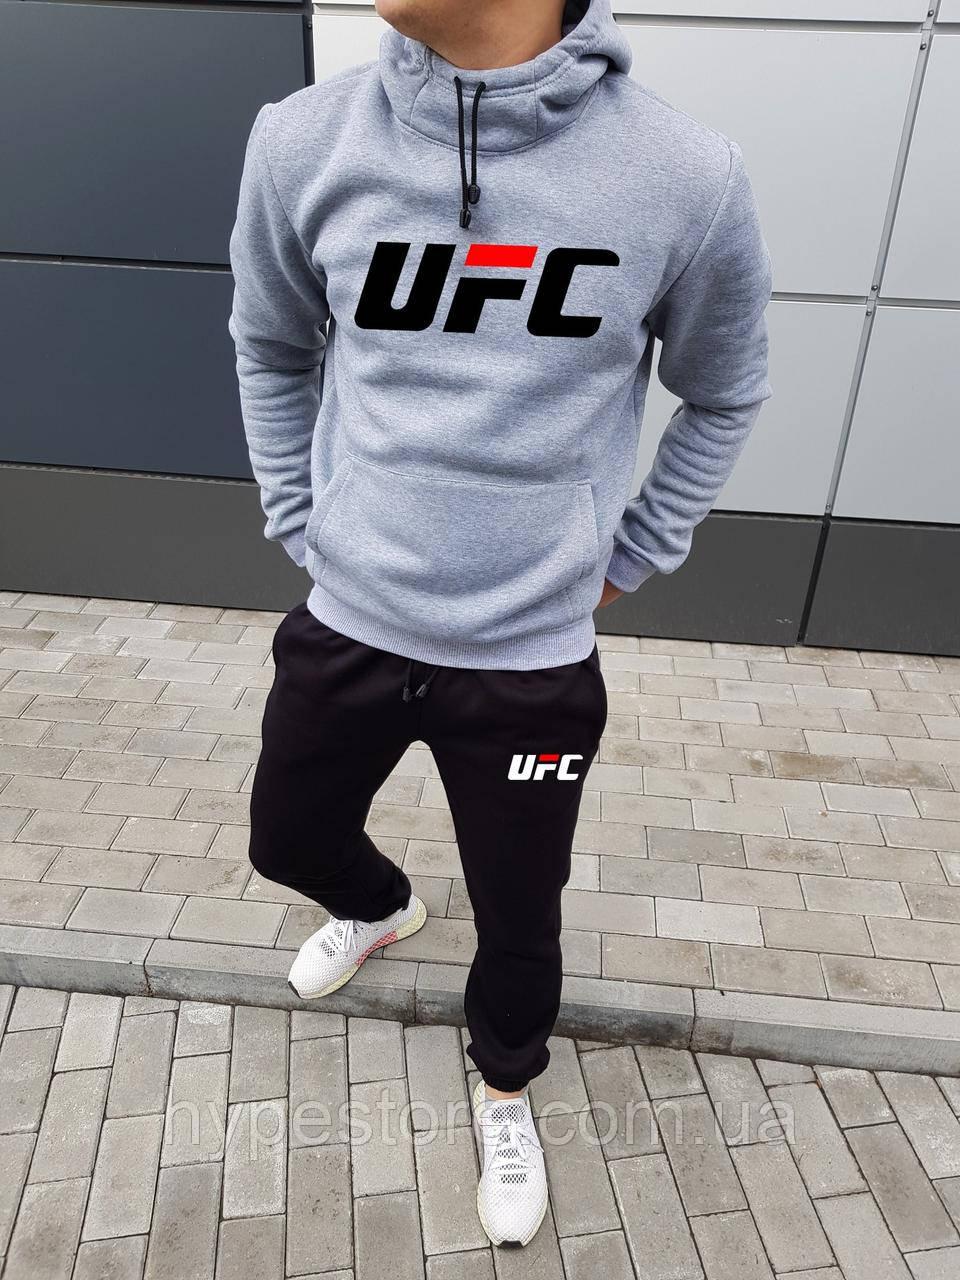 Мужской серый зимний спортивный костюм, костюм с капюшоном на флисе UFC, реплика